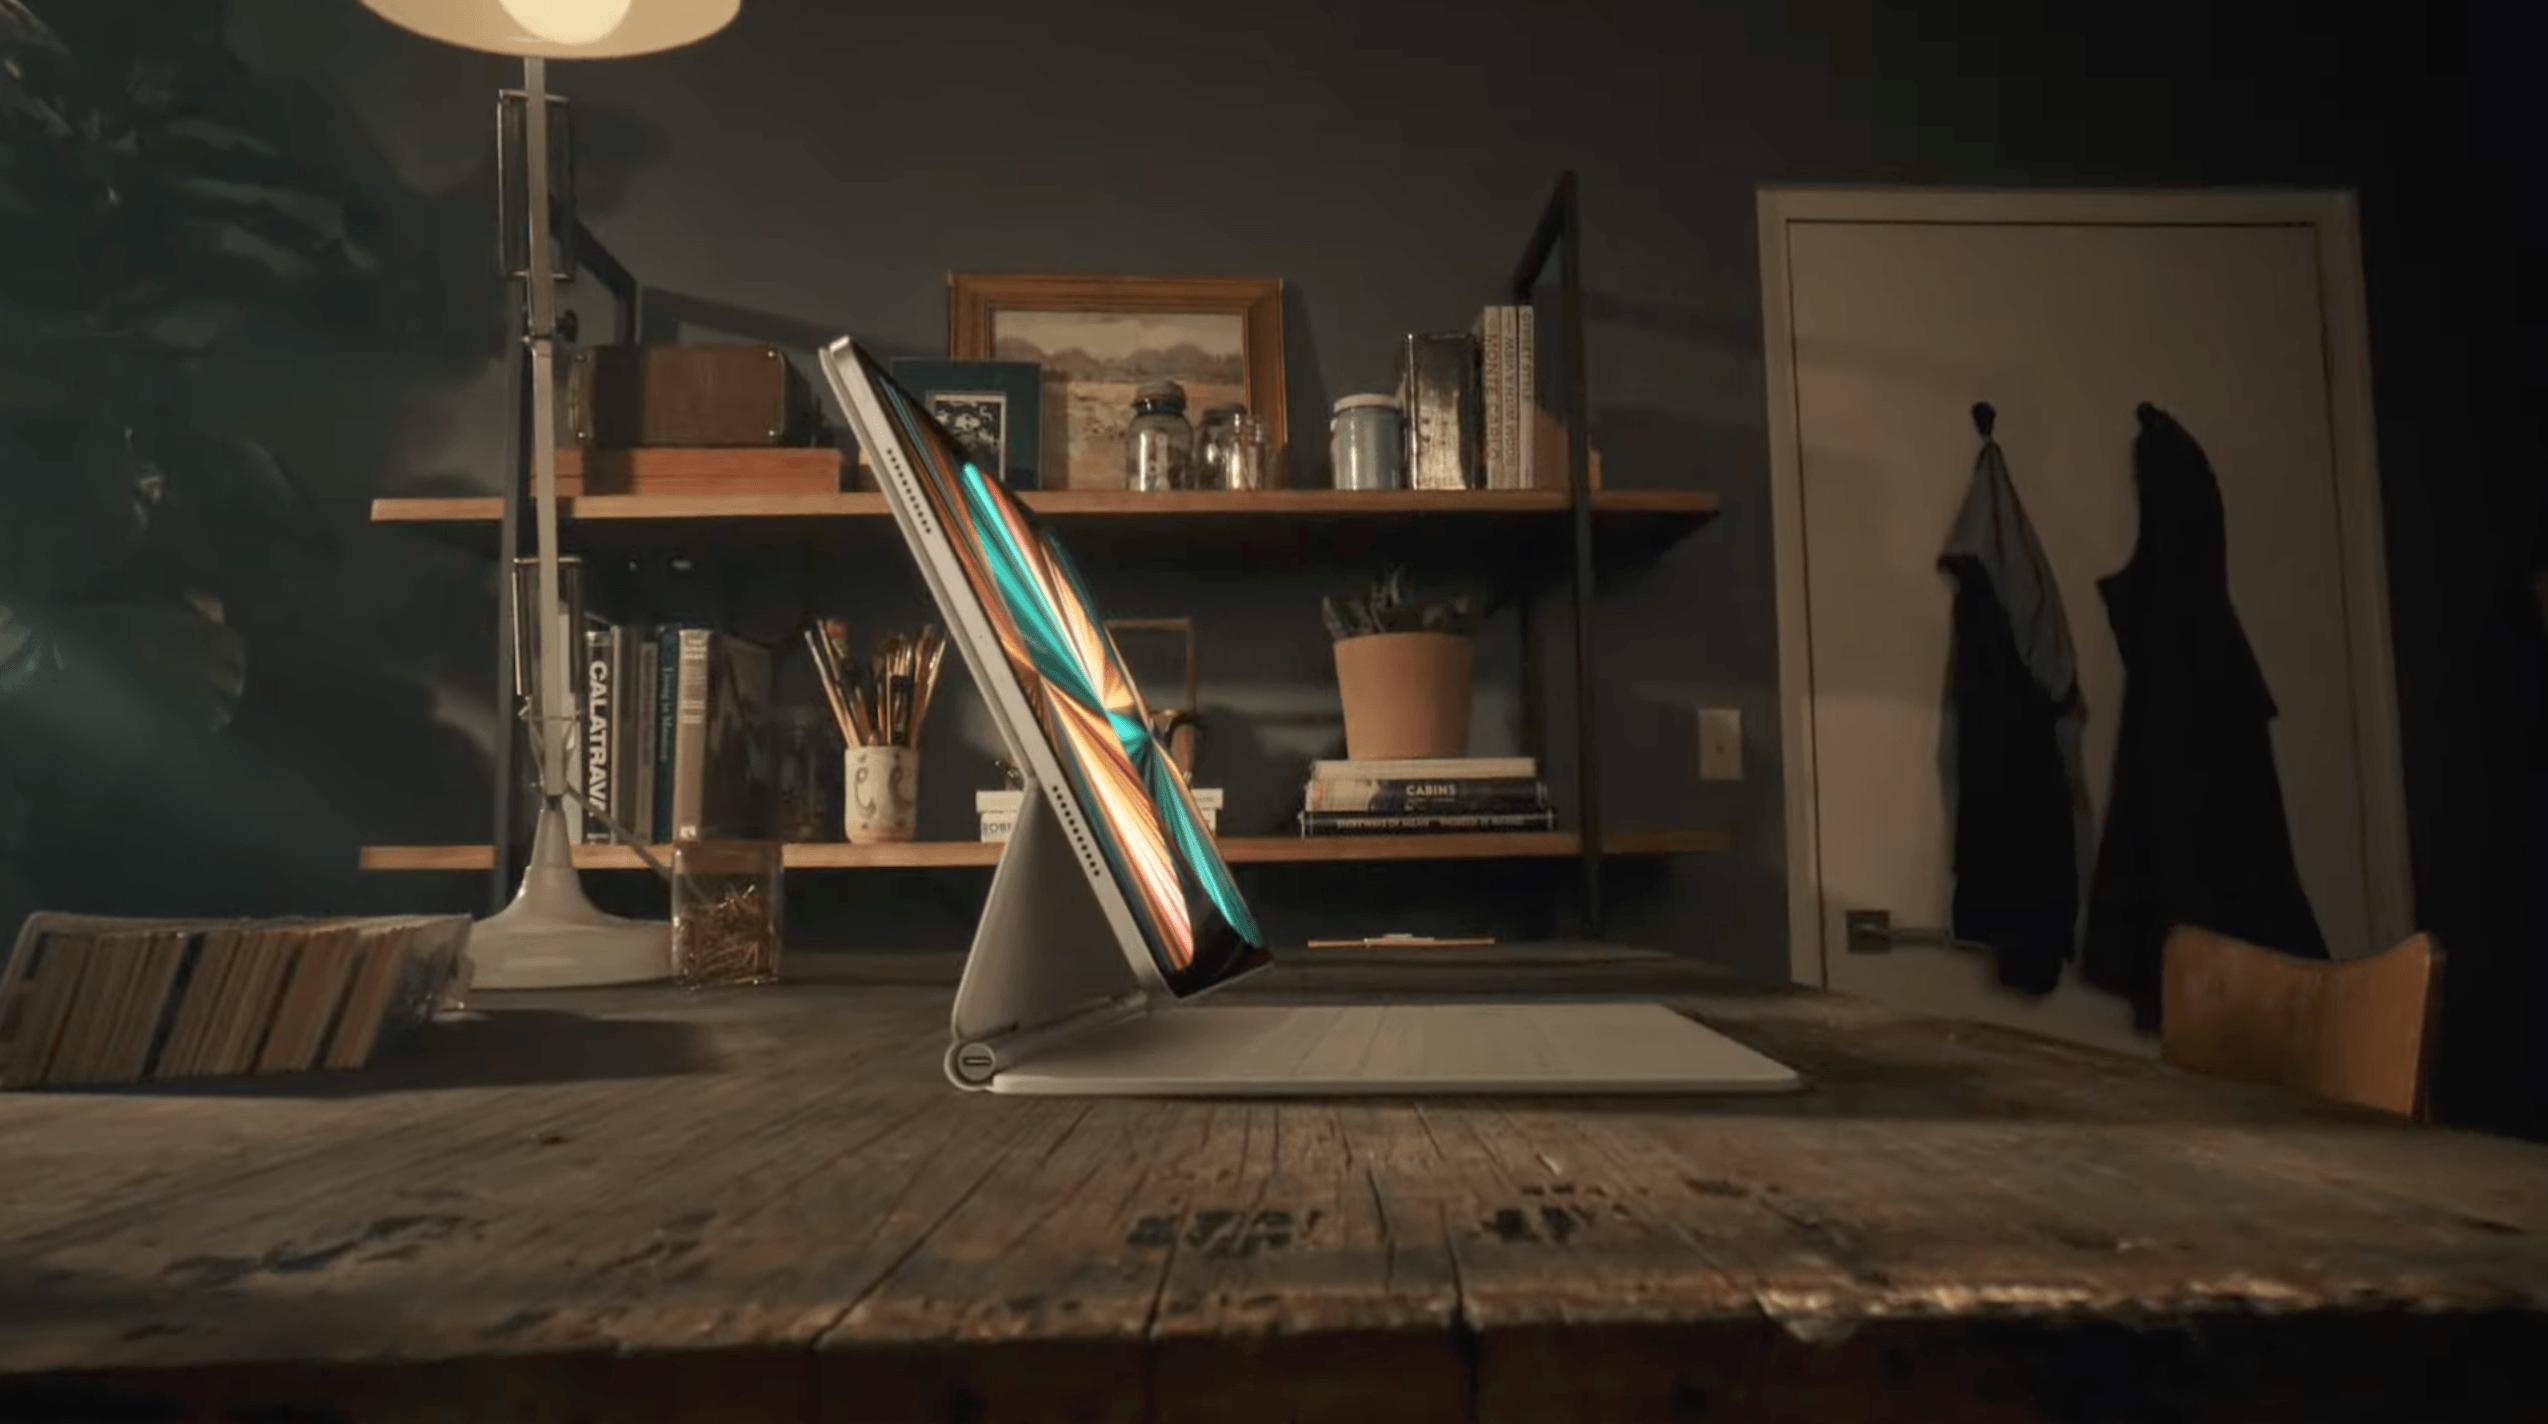 Enquete da semana: os iPads podem substituir os laptops?